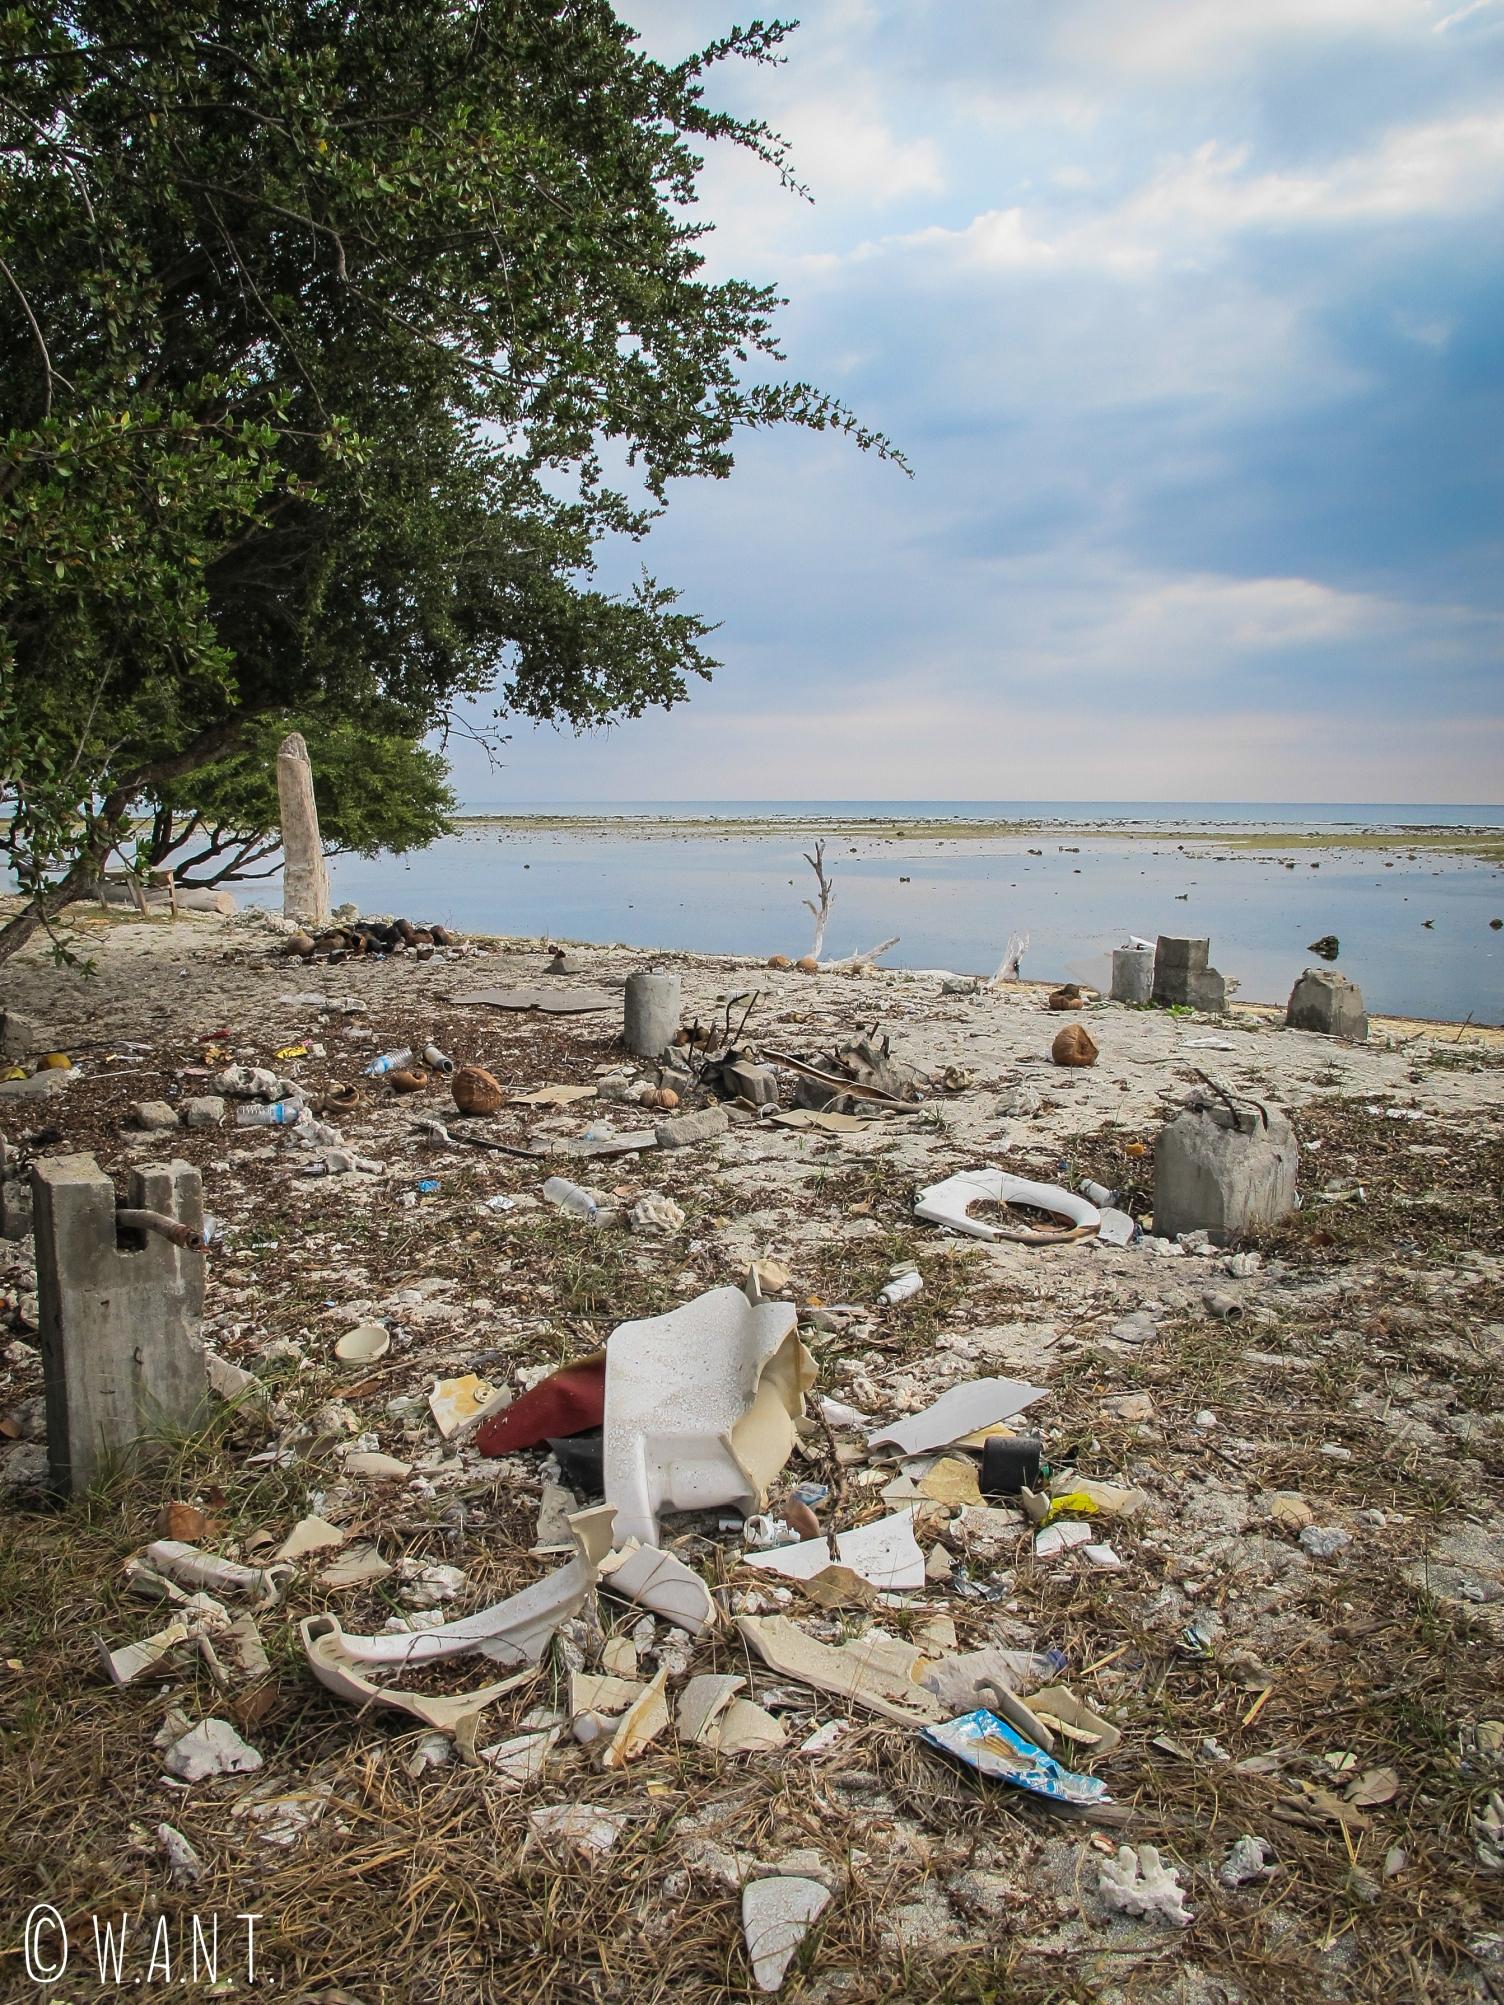 Amas de déchets sur la plage de Gili Trawangan